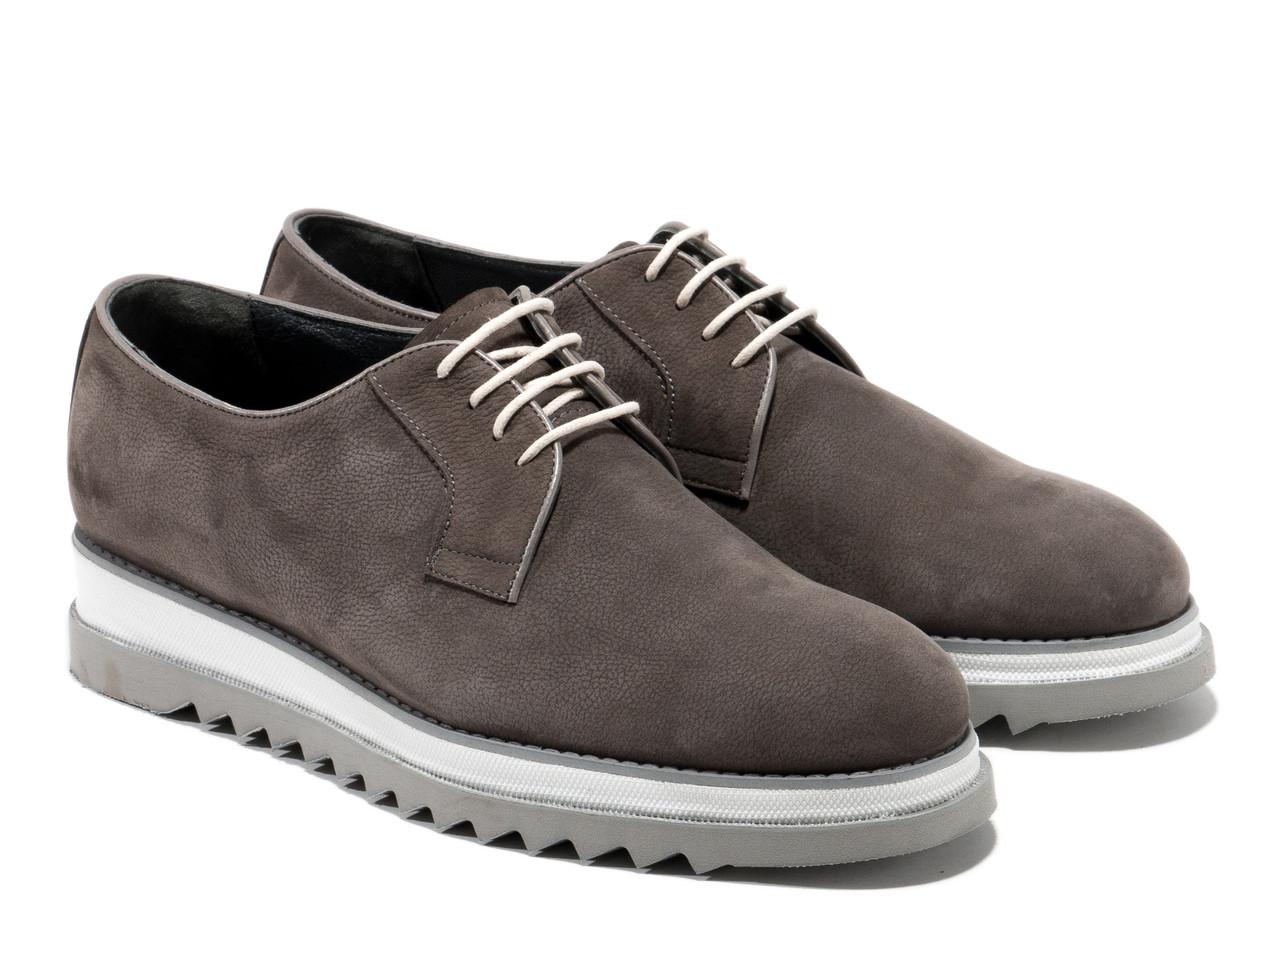 Туфли Etor 13372-03-40136-12 39 серые